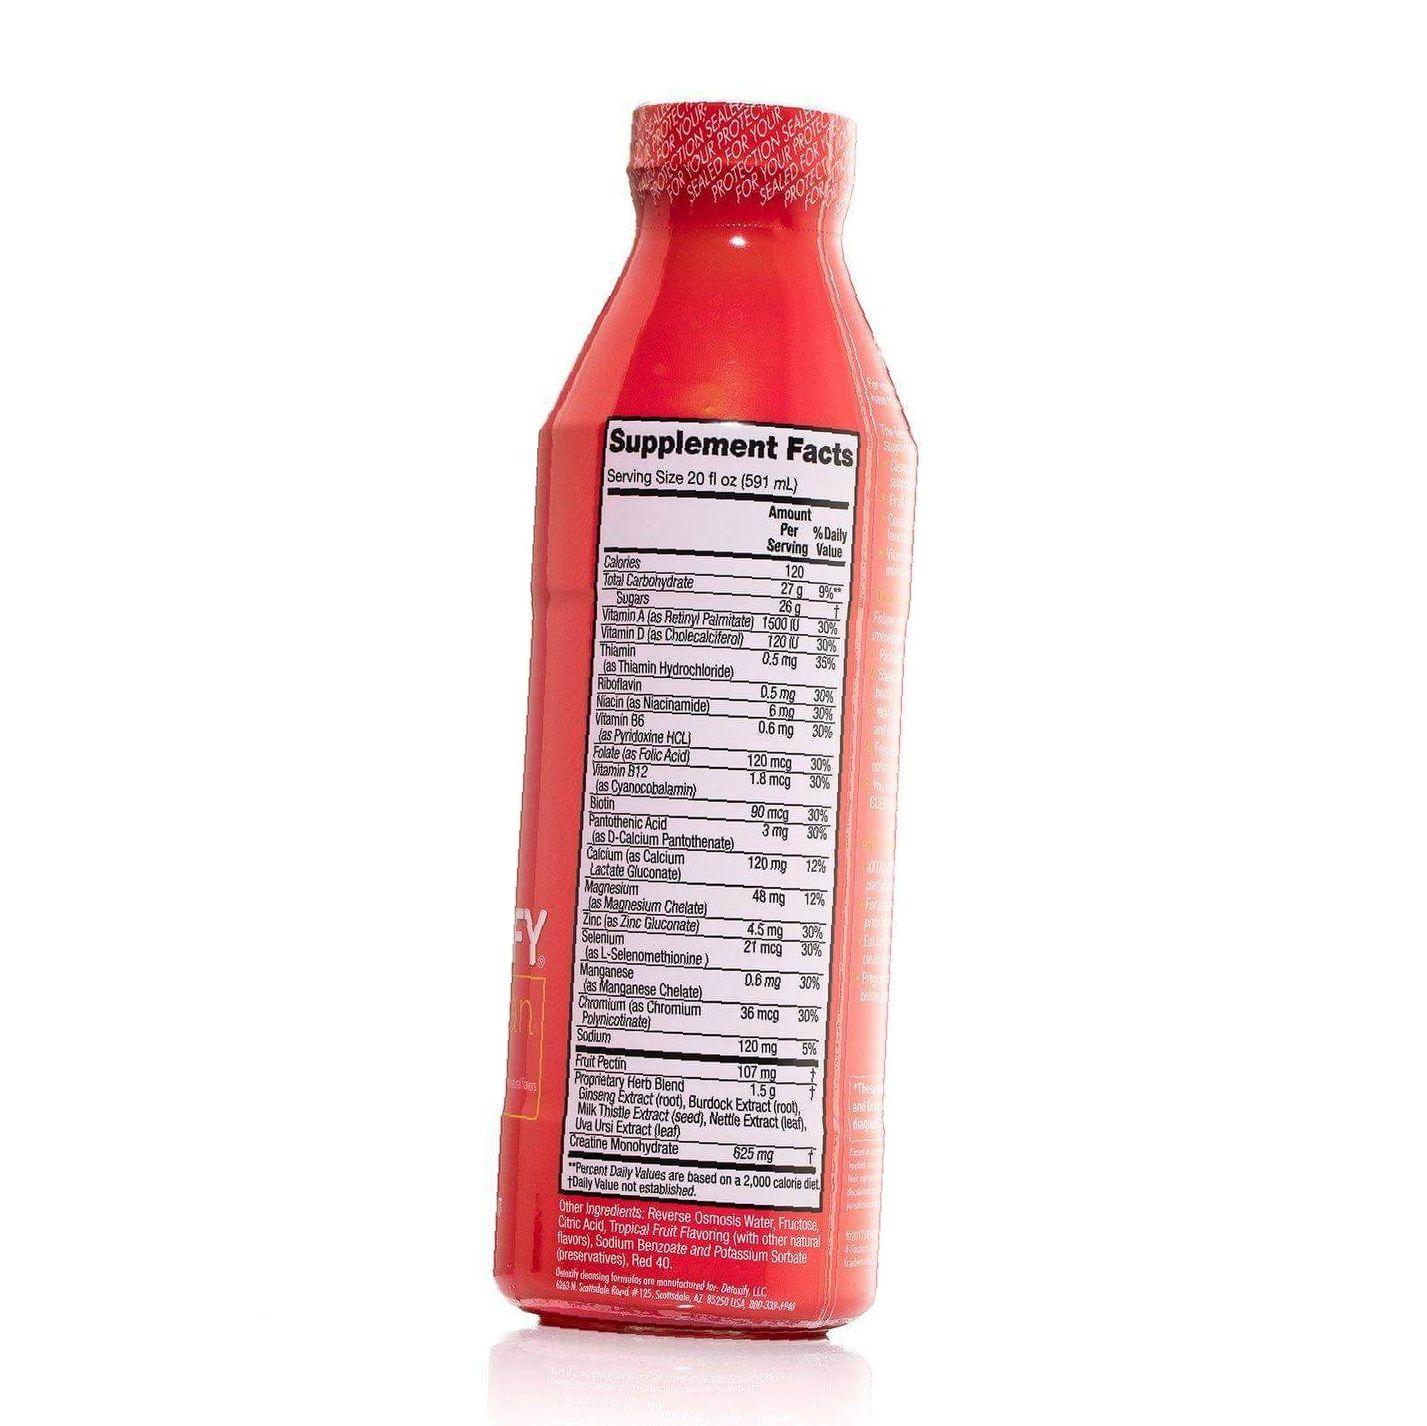 Detoxify Xxtra Clean drink bottle